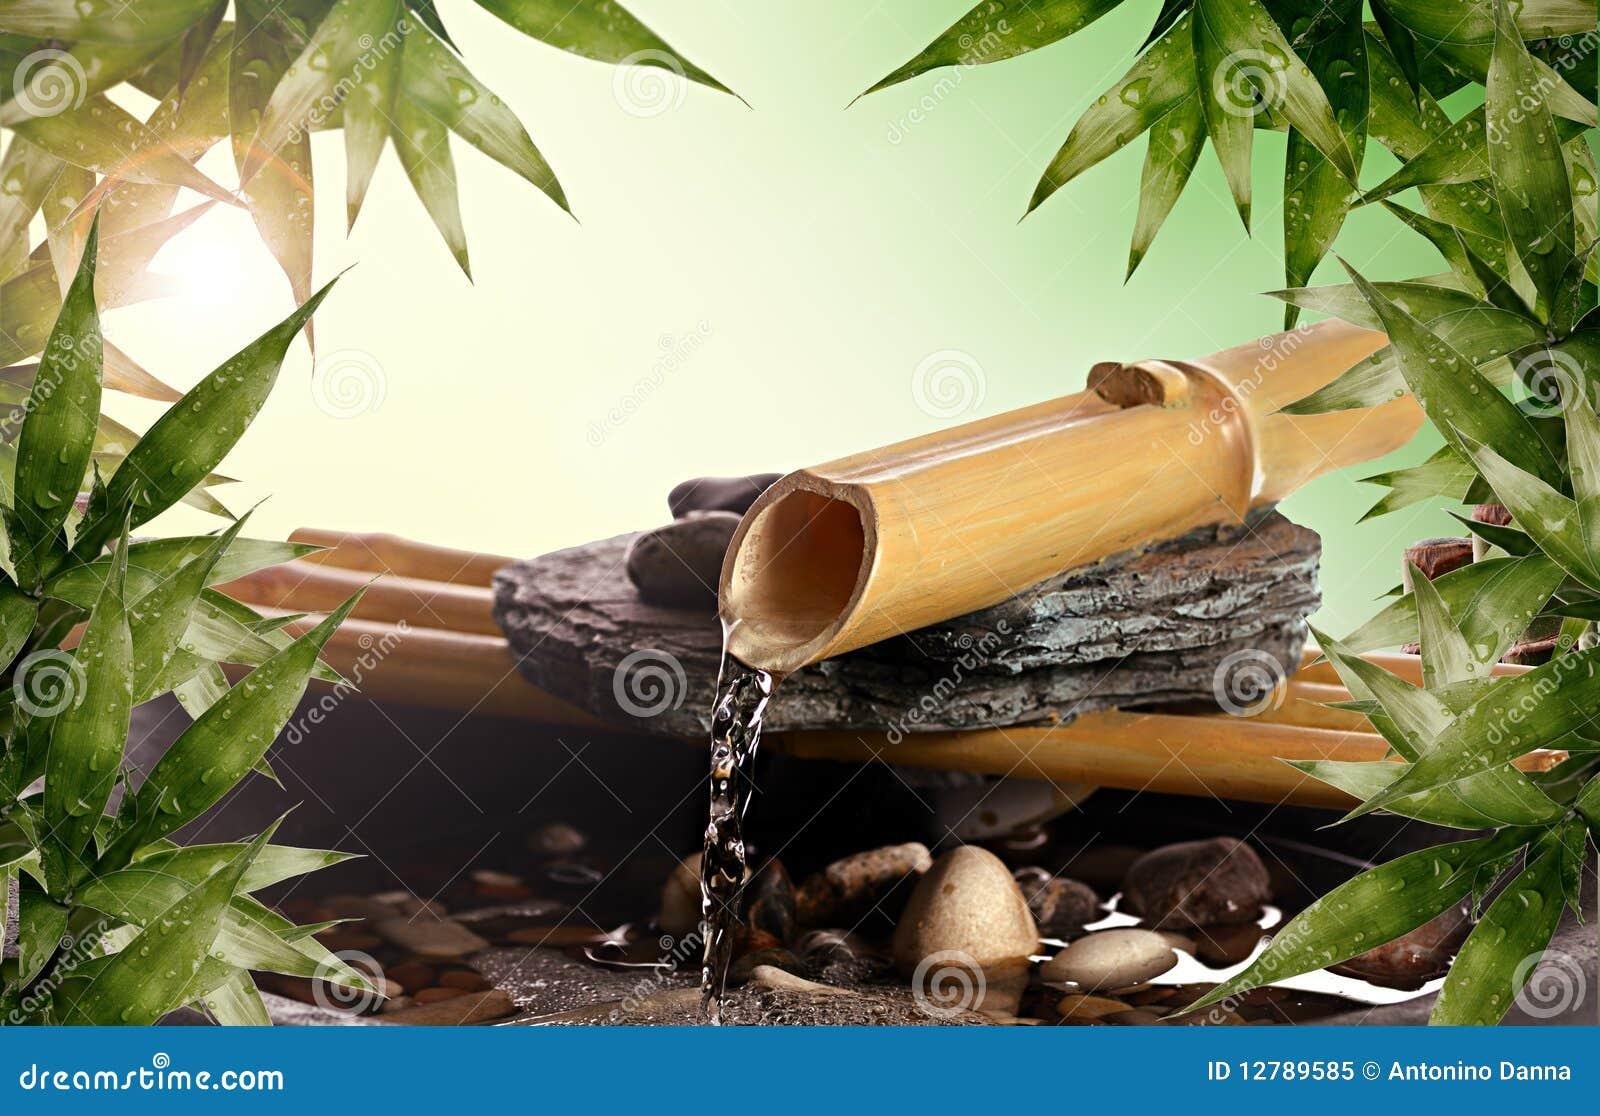 Fontaine de bambou de zen photo libre de droits image - Fontaine zen d interieur nature et decouverte ...